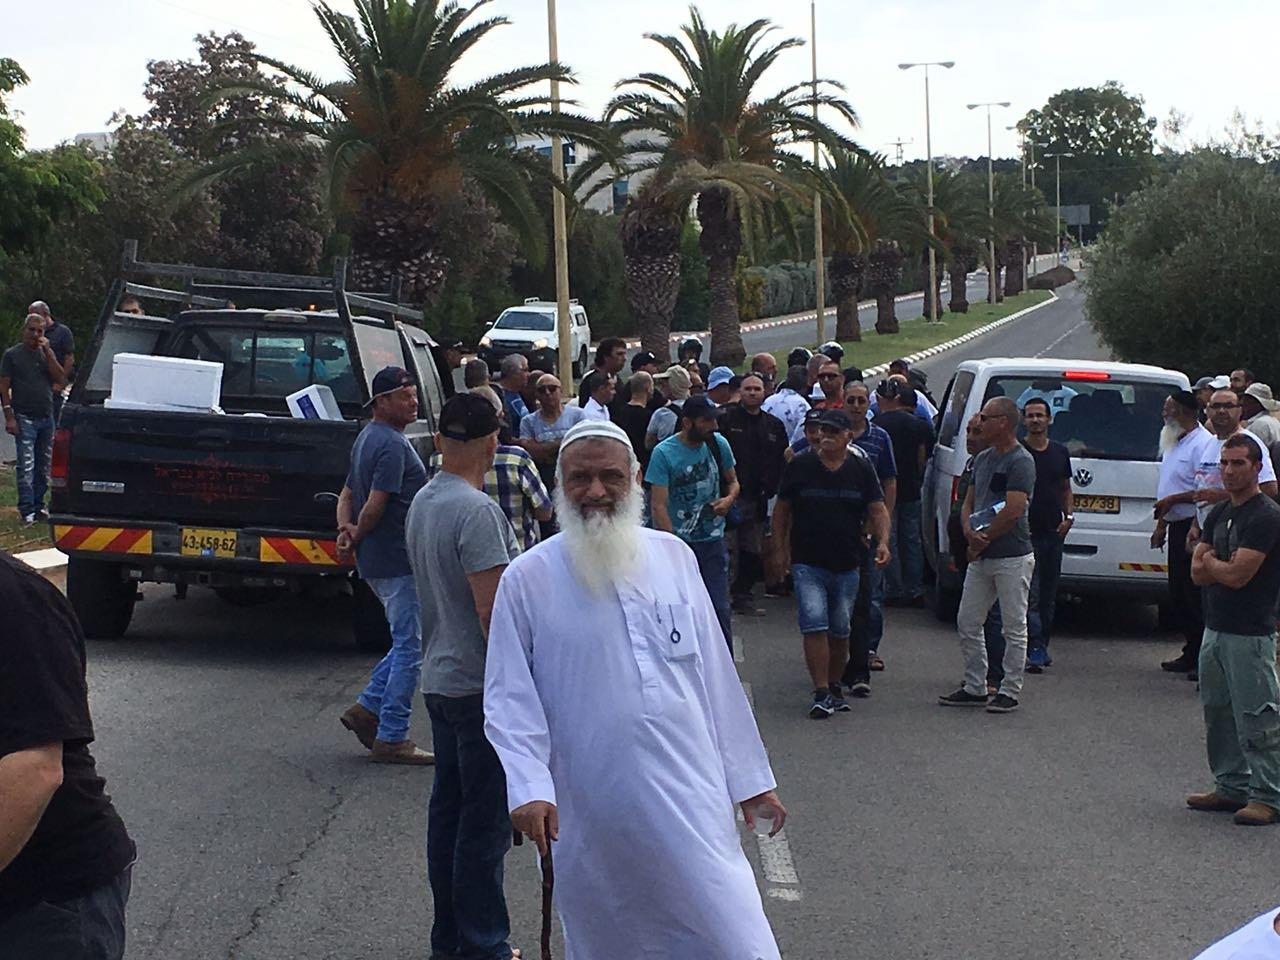 يافا: الصيادون العرب يحتجون امام وزارة الزراعة